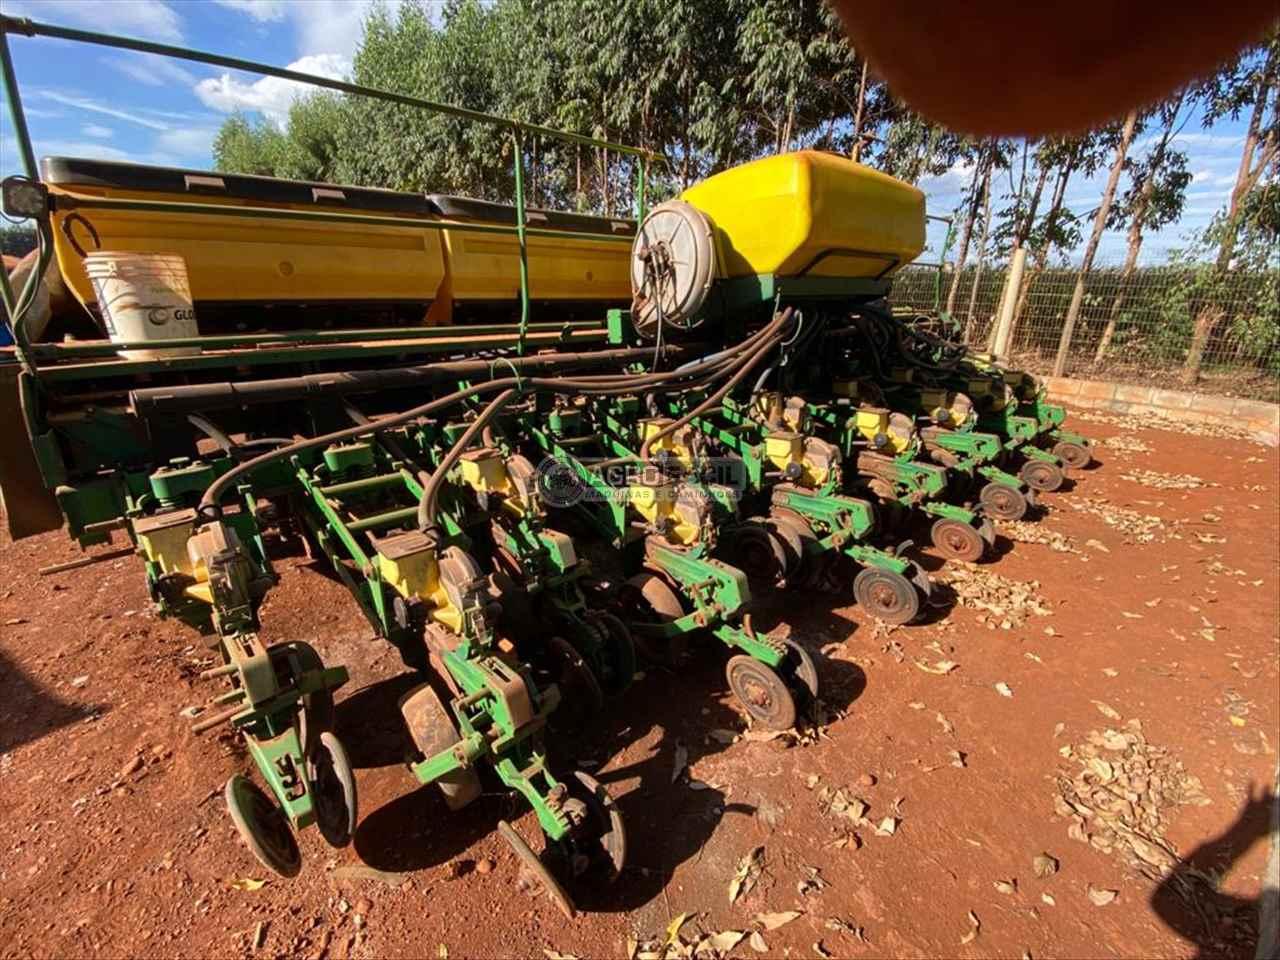 PLANTADEIRA JOHN DEERE PLANTADEIRAS 2117 Agro Fácil Máquinas PRIMAVERA DO LESTE MATO GROSSO MT